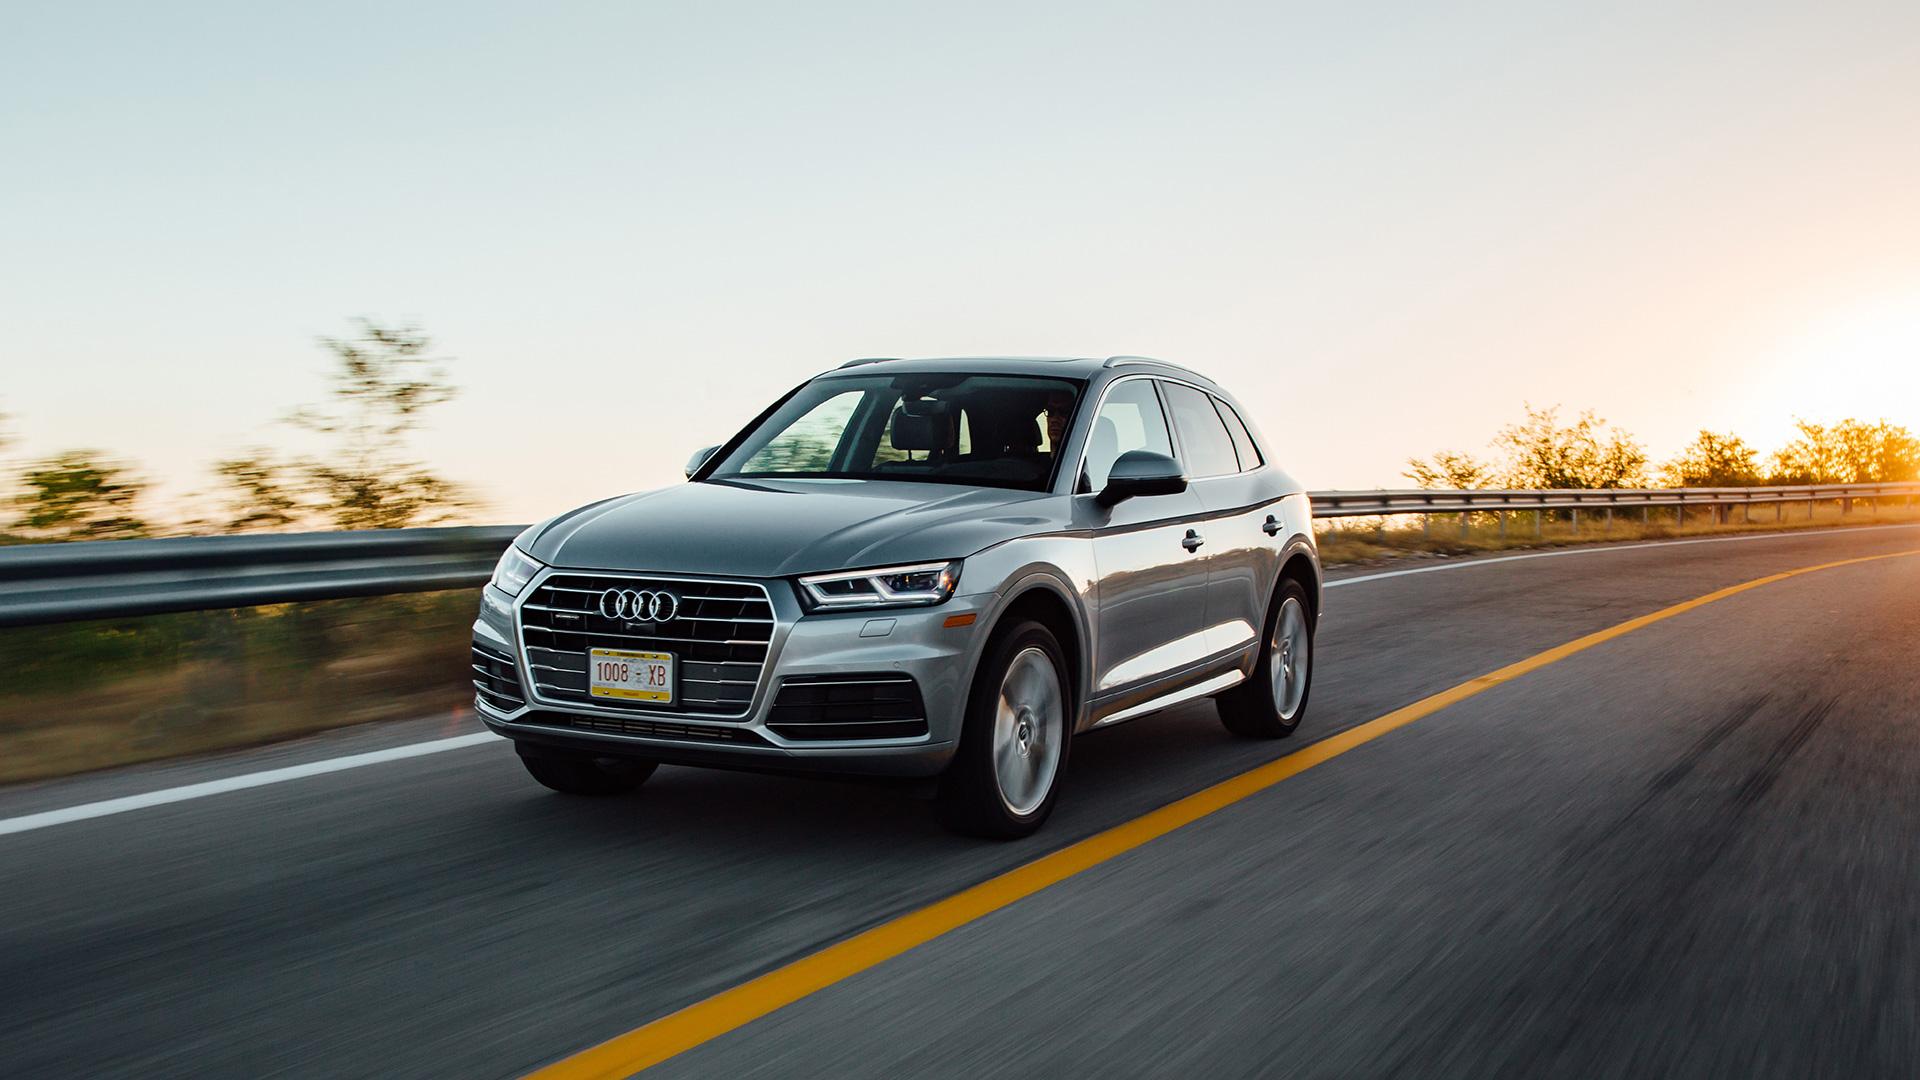 Чем насамом деле отличается новая Audi Q5 отстарой: первый тест-драйв. Фото 2